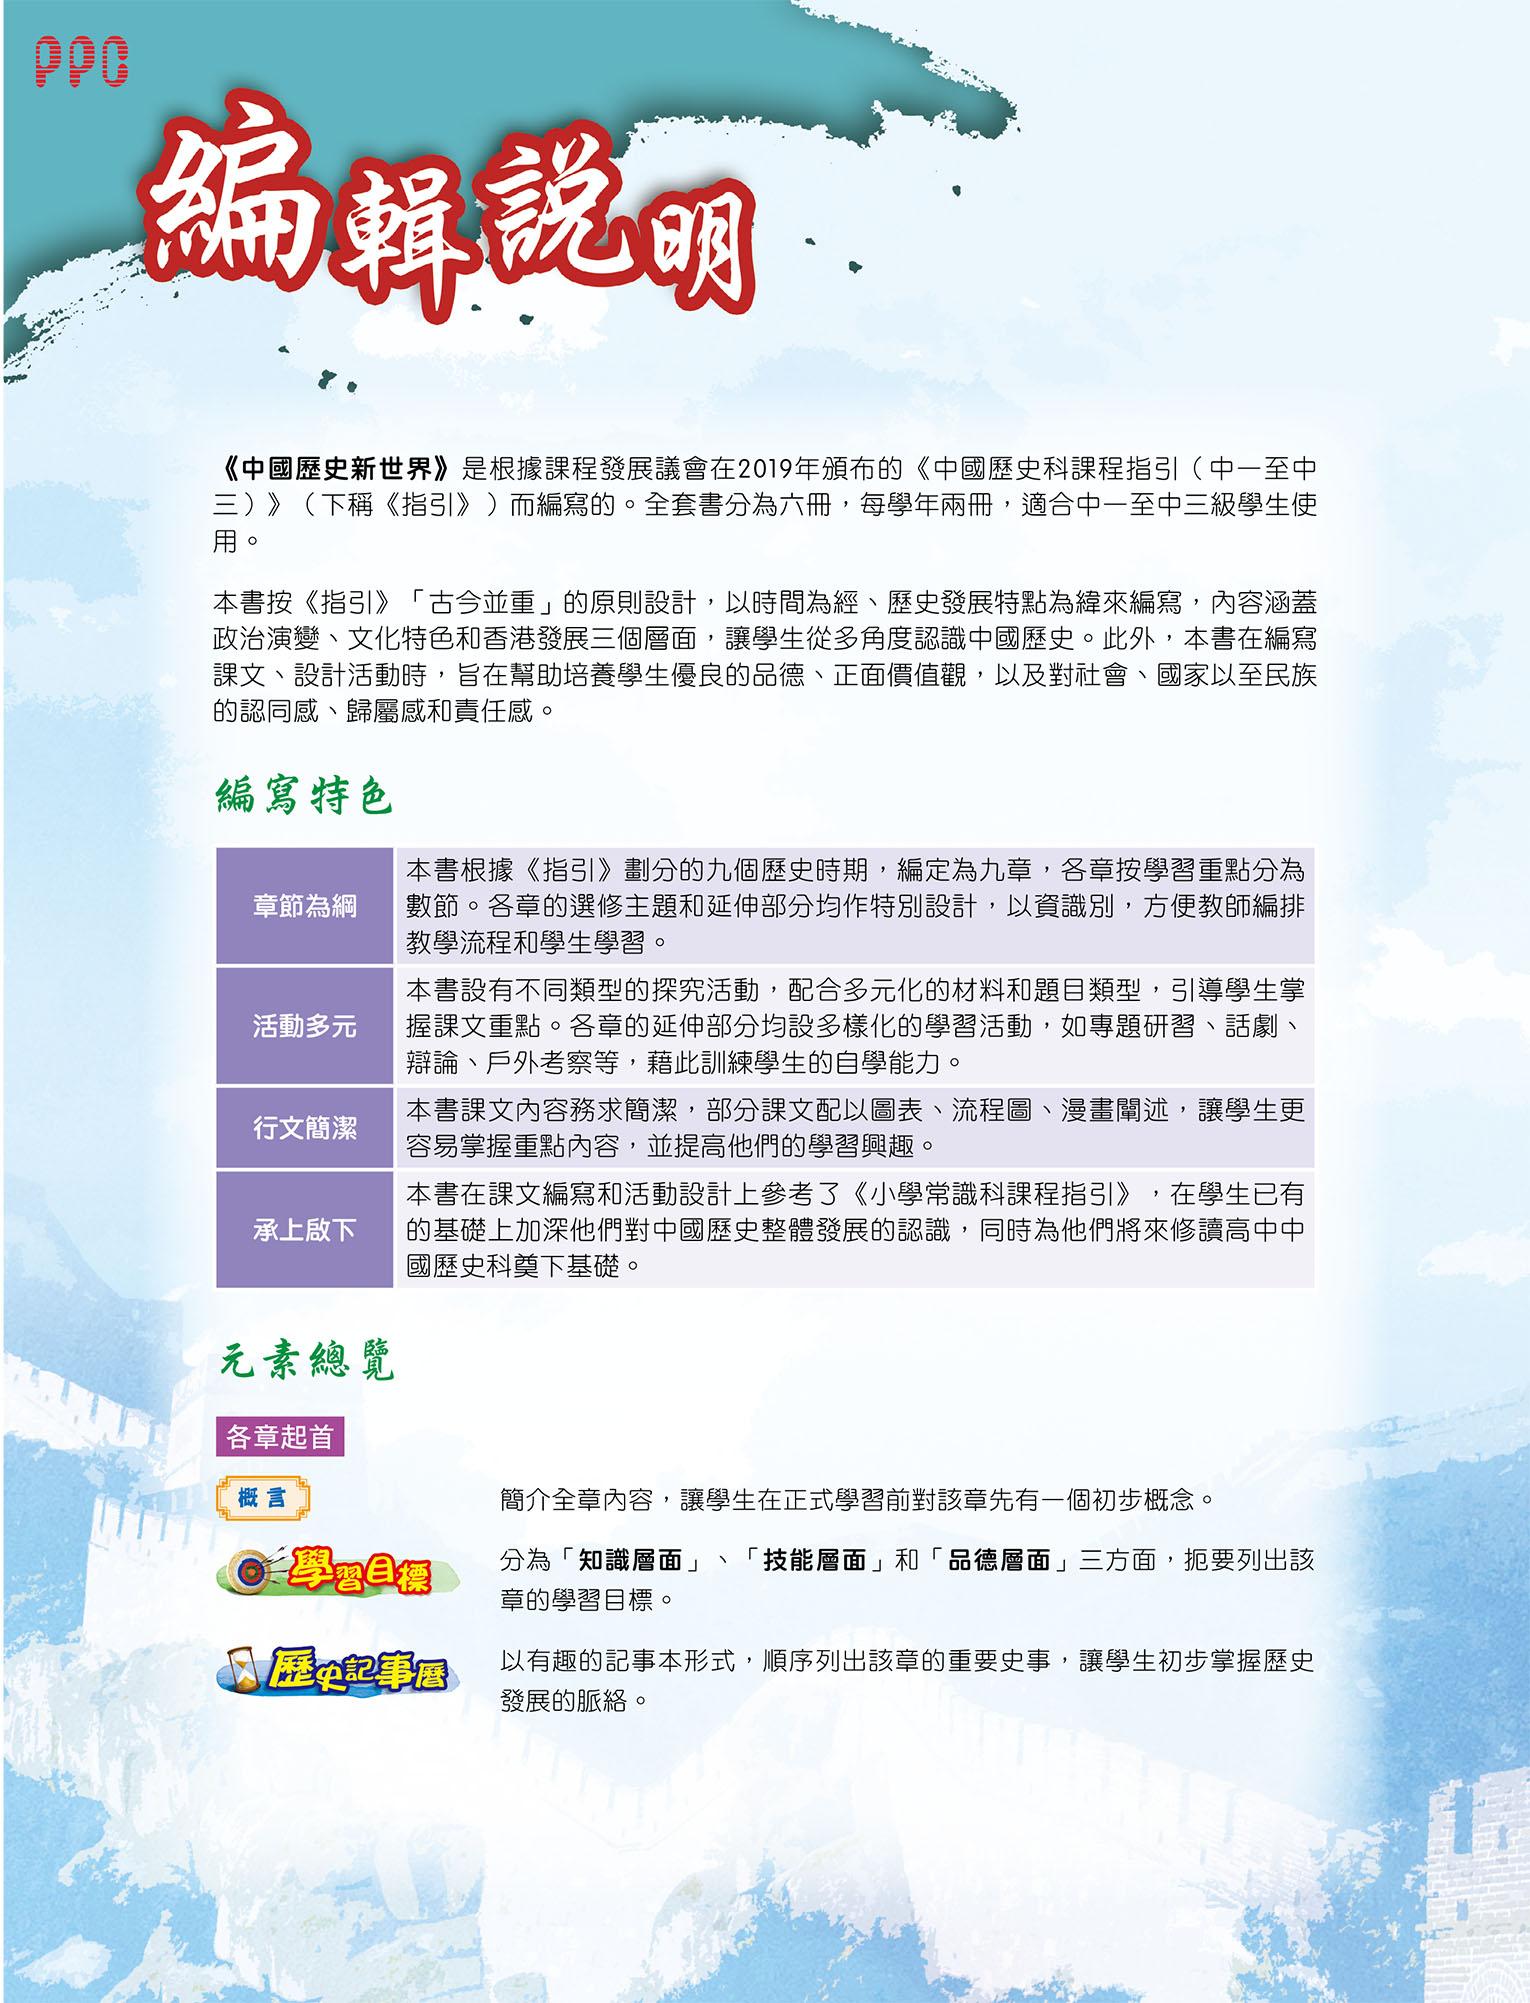 陸上 2019 中学 大会 中国